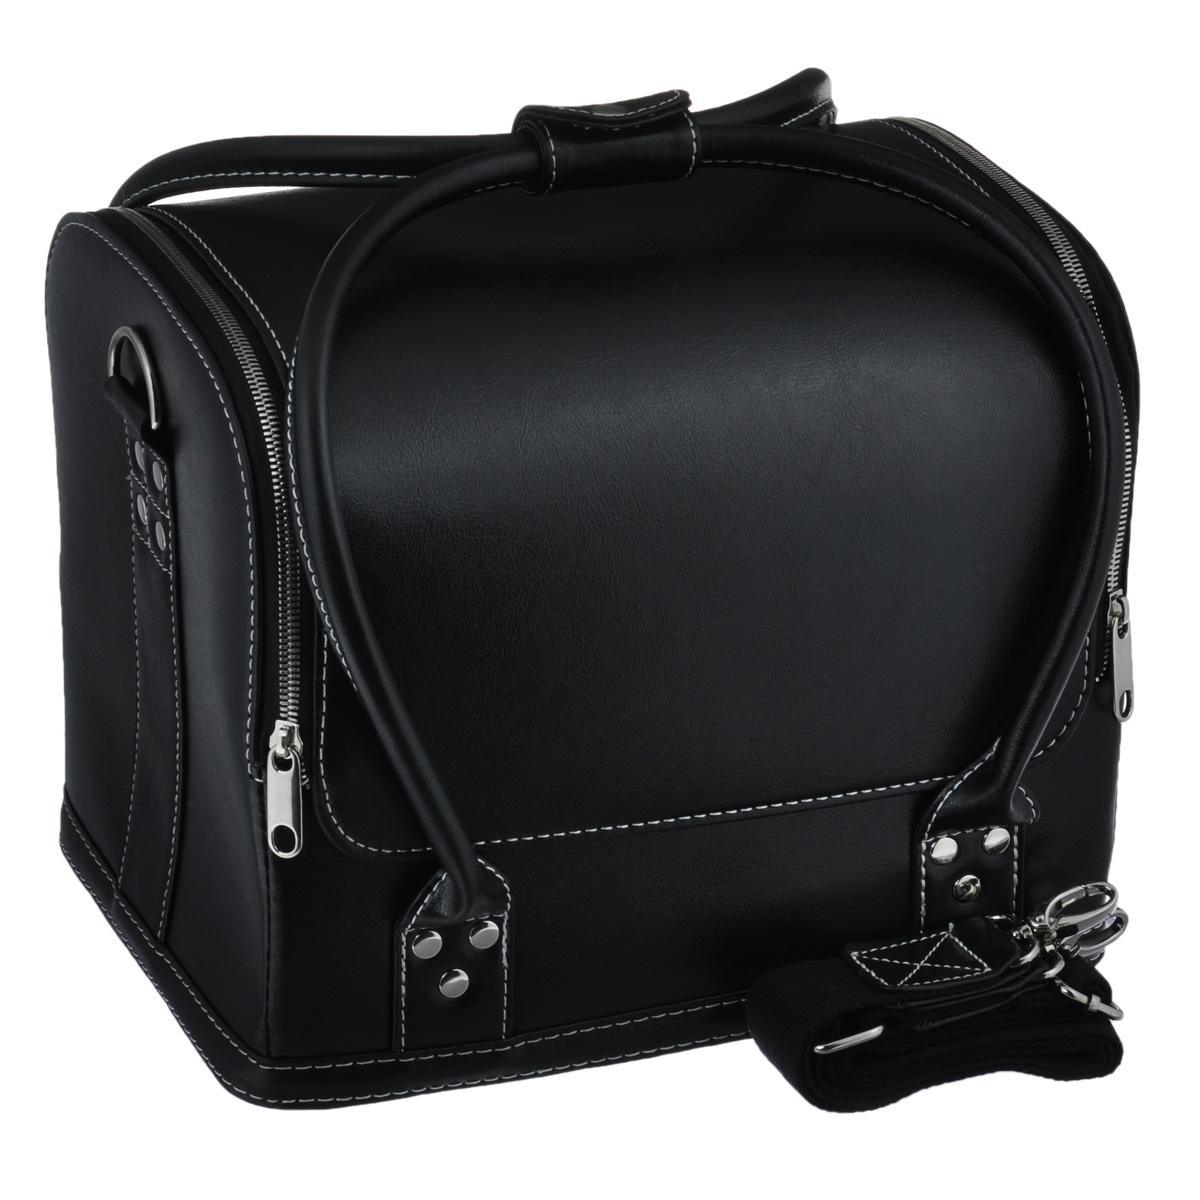 Сумка для швейных принадлежностей Prym, цвет: черный, 31 х 23 х 25 см612822Сумка Prym выполнена из искусственной кожи. Сумка Prym предназначена для хранения швейных принадлежностей. Сумка имеет большое отделение, в котором имеются выдвижные отделения для швейных принадлежностей. Закрывается сумка на молнию. Также сумка имеет ручки для удобной носки в руках и ручку через плечо. Сумка не оставит равнодушной ни одну любительницу изысканных вещей.Сочетание оригинального дизайна и функциональности сделают такую сумку практичным и стильным предметом гордости ее обладательницы. Размер сумки: 31 см х 23 см х 25 см.